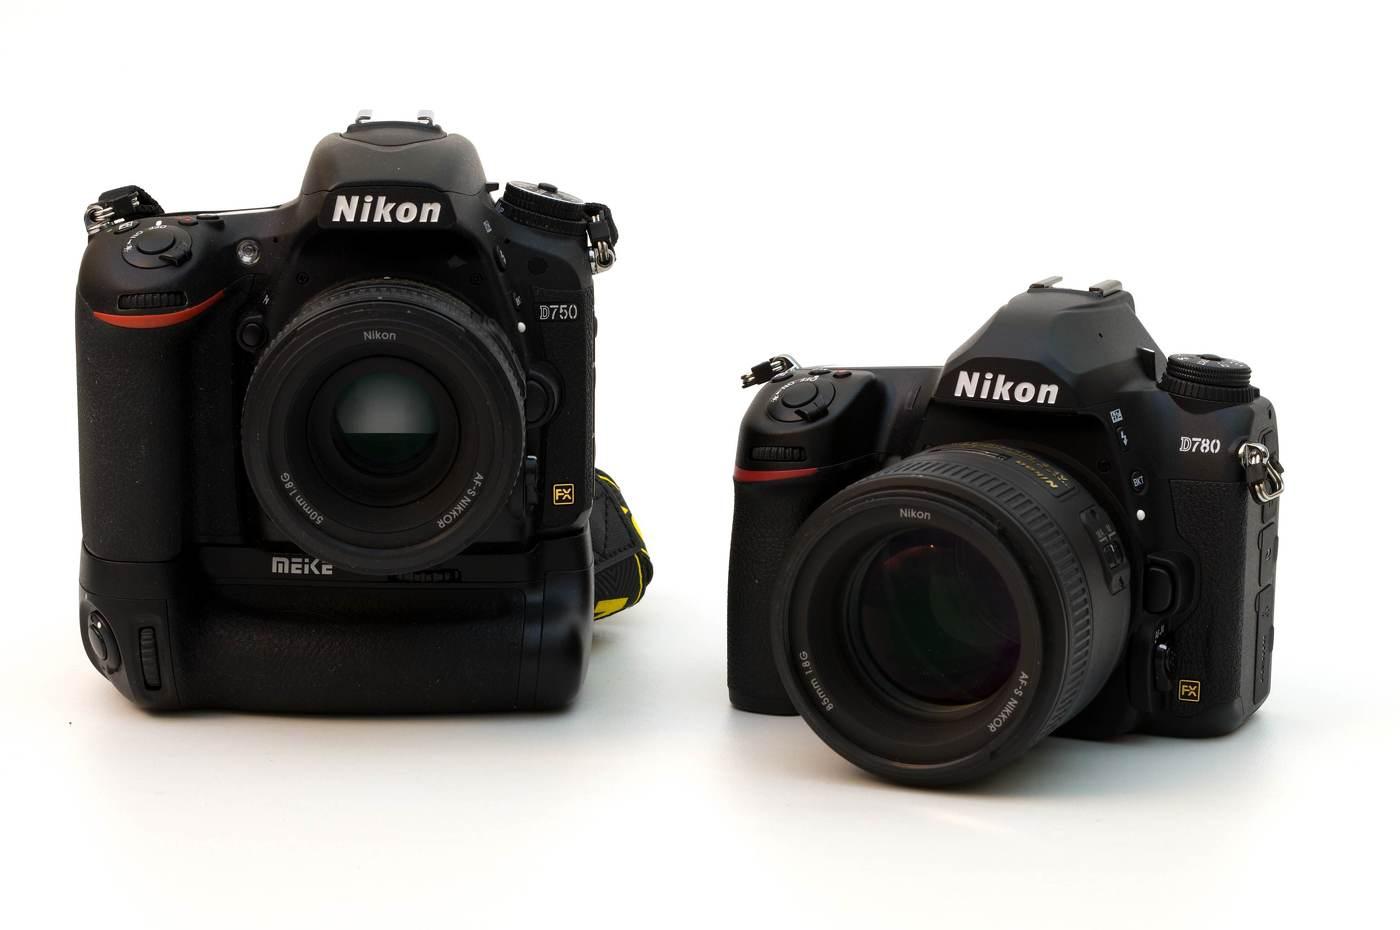 ニコン d780